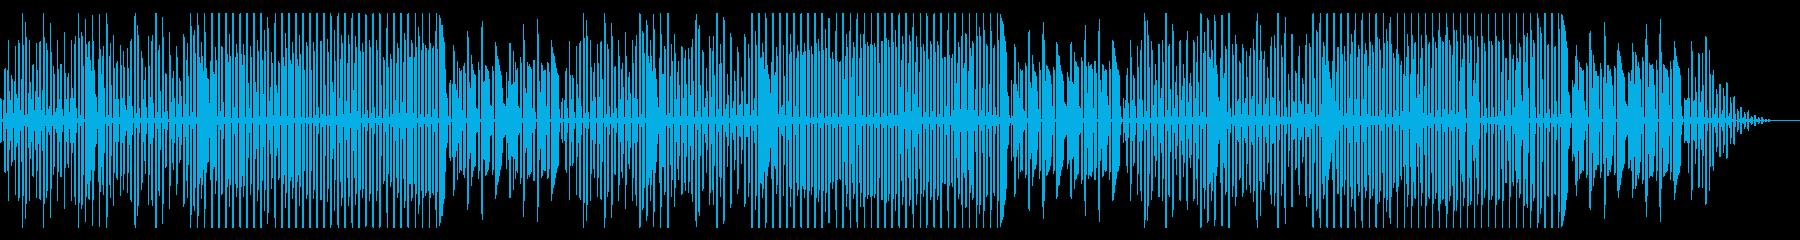 運動会「ウイリアムテル序曲」脱力アレンジの再生済みの波形